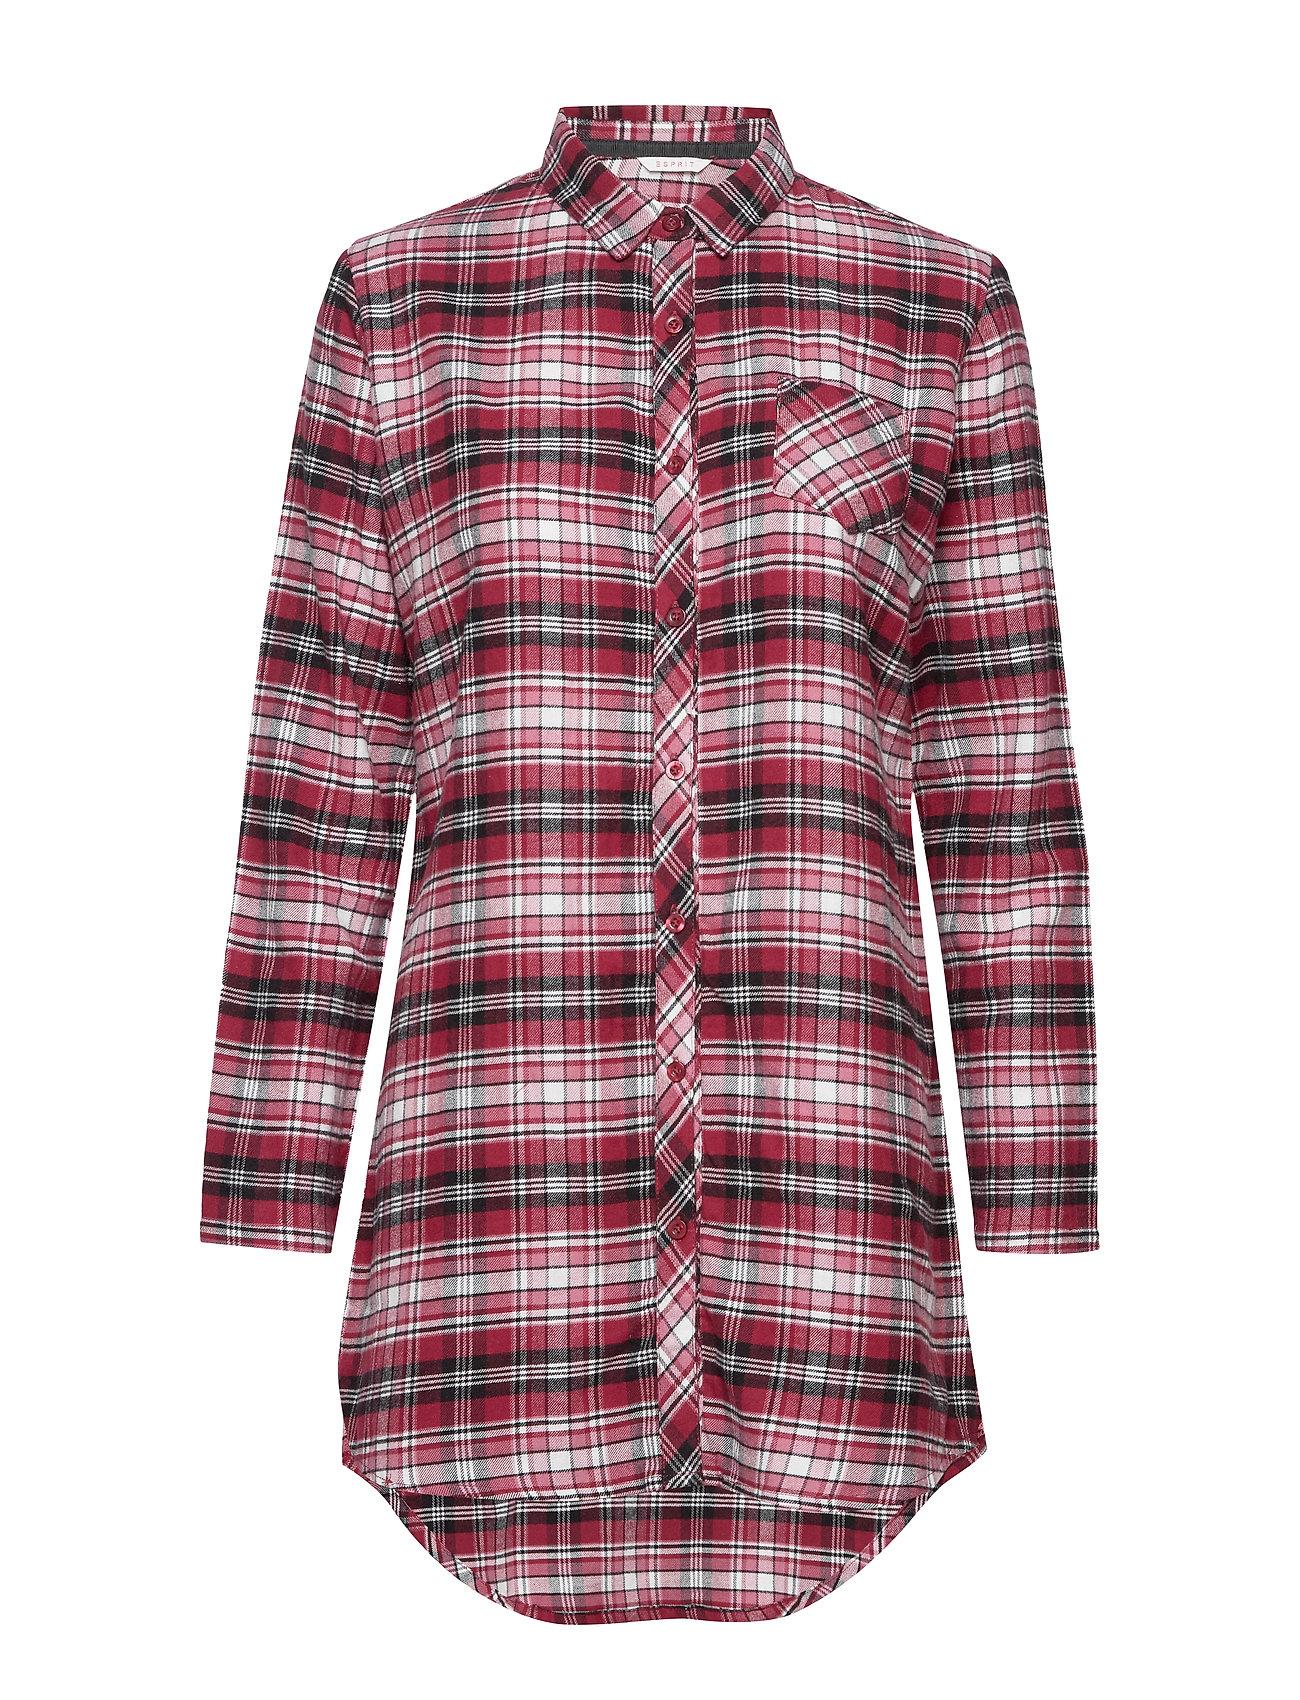 Esprit Bodywear Women Nightshirts - DARK RED